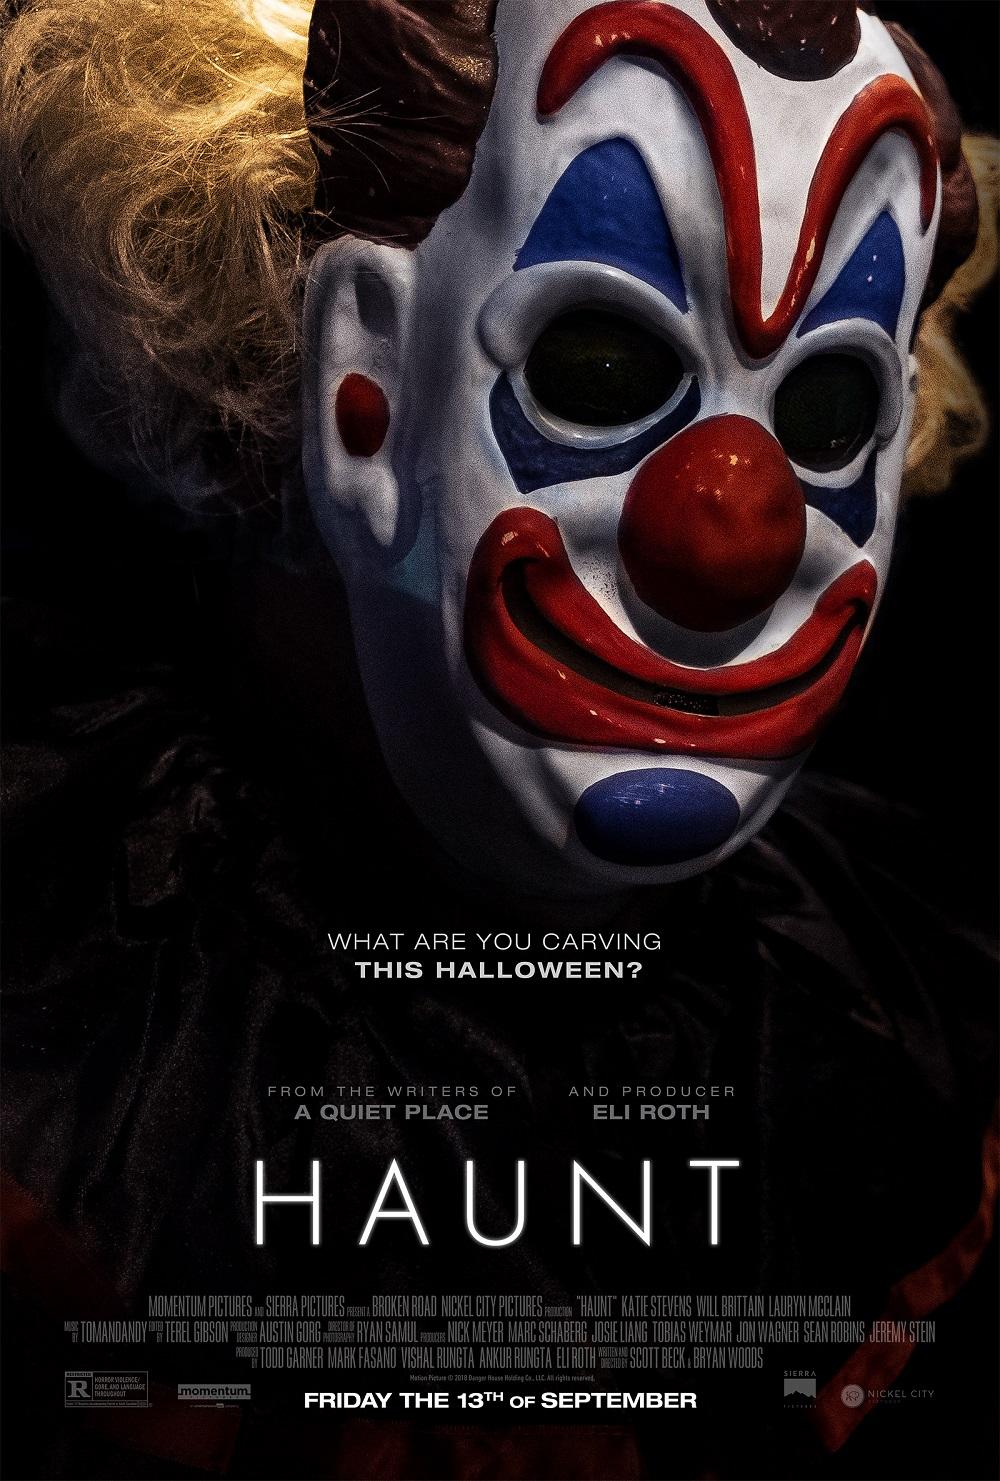 Halloween Haunt Film